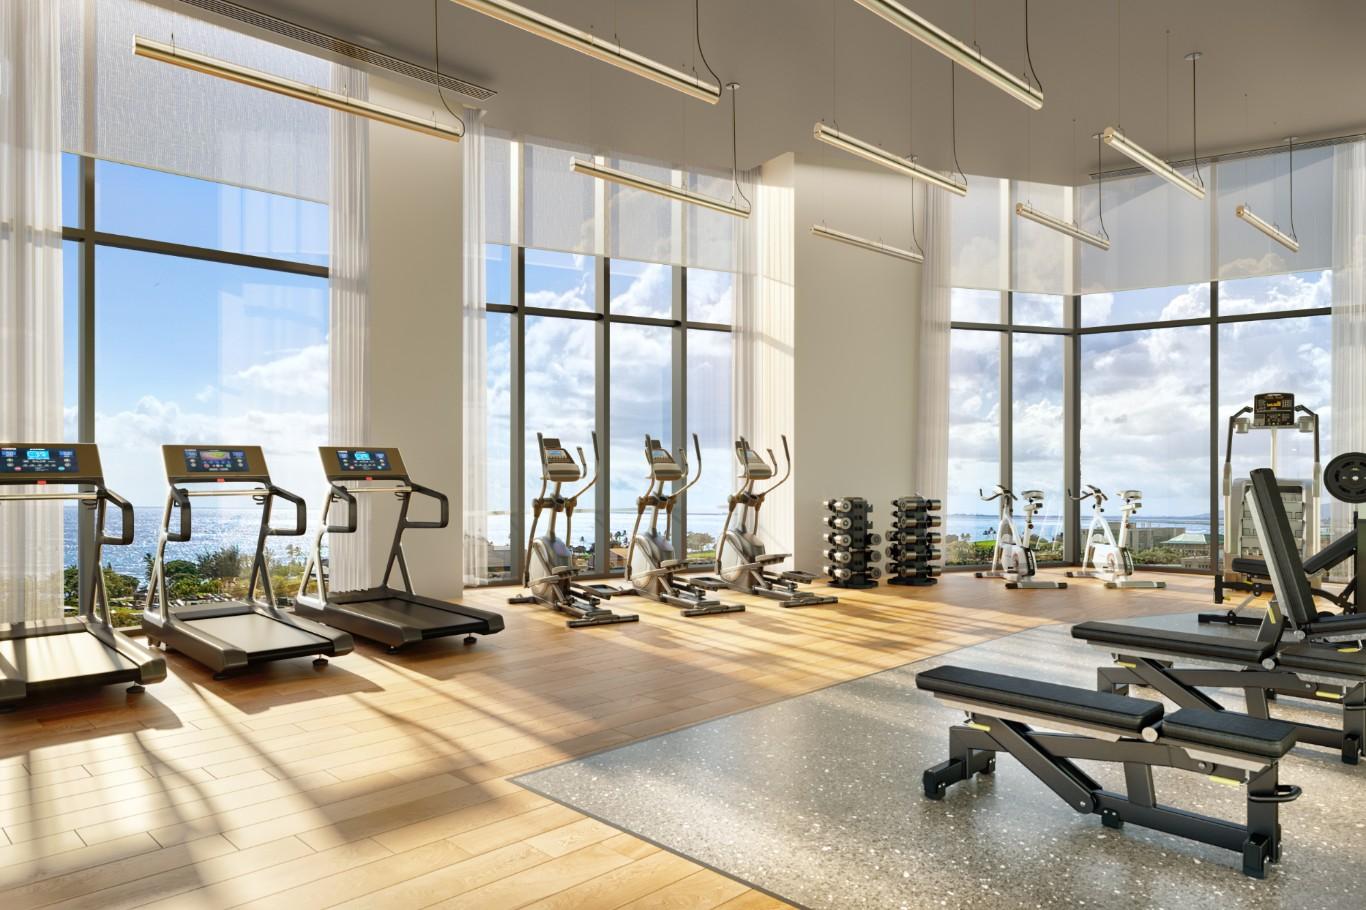 Koula Gym